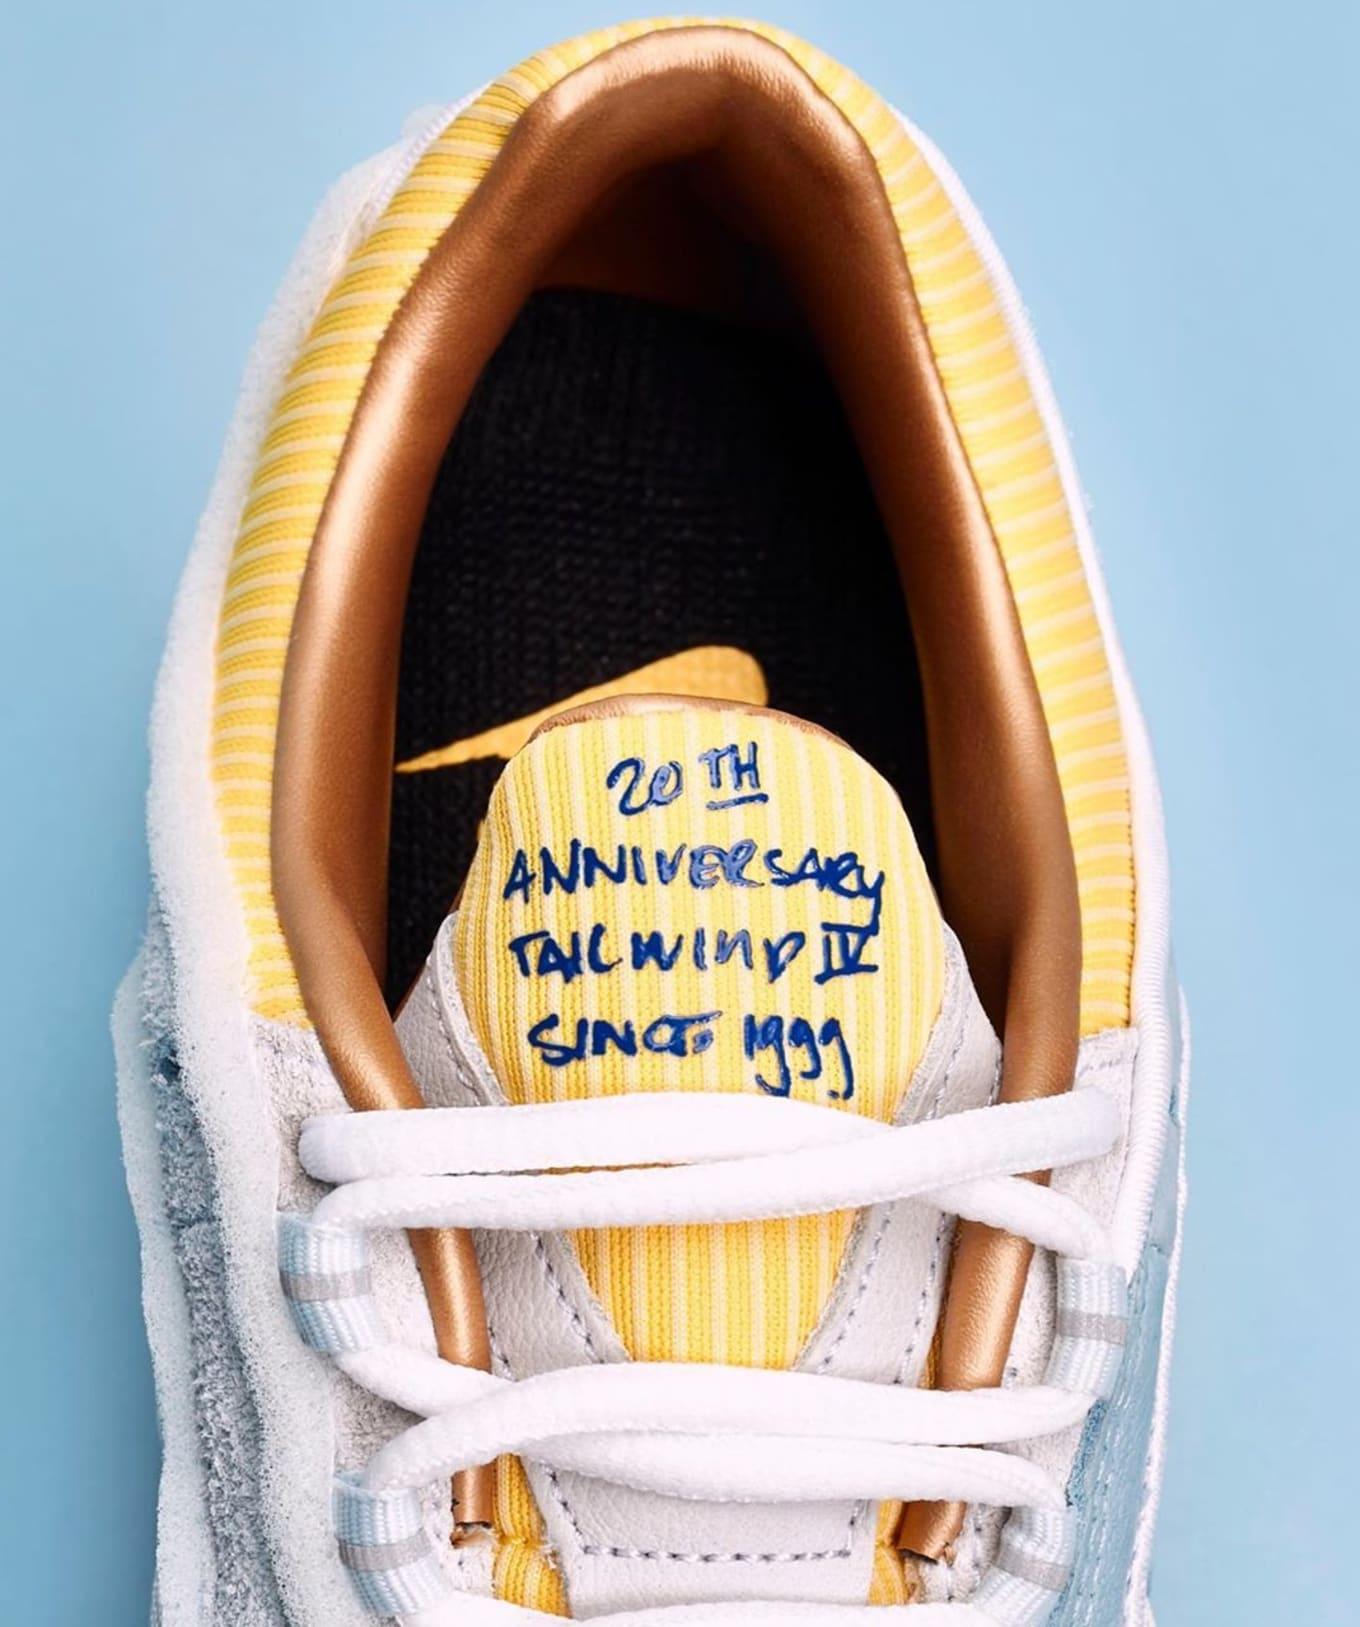 new concept fdb75 0faa5 Sneakersnstuff x Nike Air Max Tailwind 20th Anniversary ...